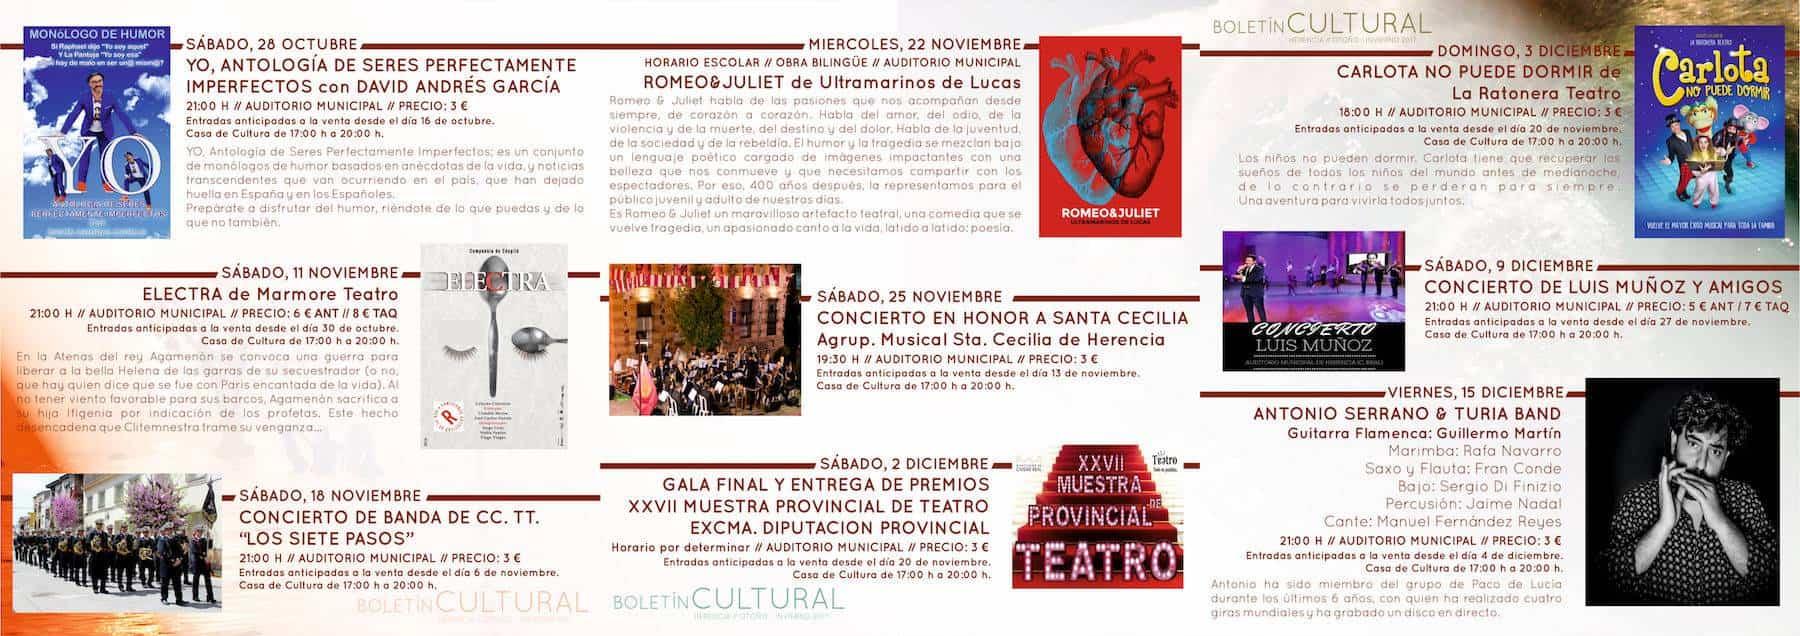 triptico otono invierno 2017 herencia 2 - El Auditorio de Herencia estrena nueva temporada con 12 espectáculos de estilos diferentes